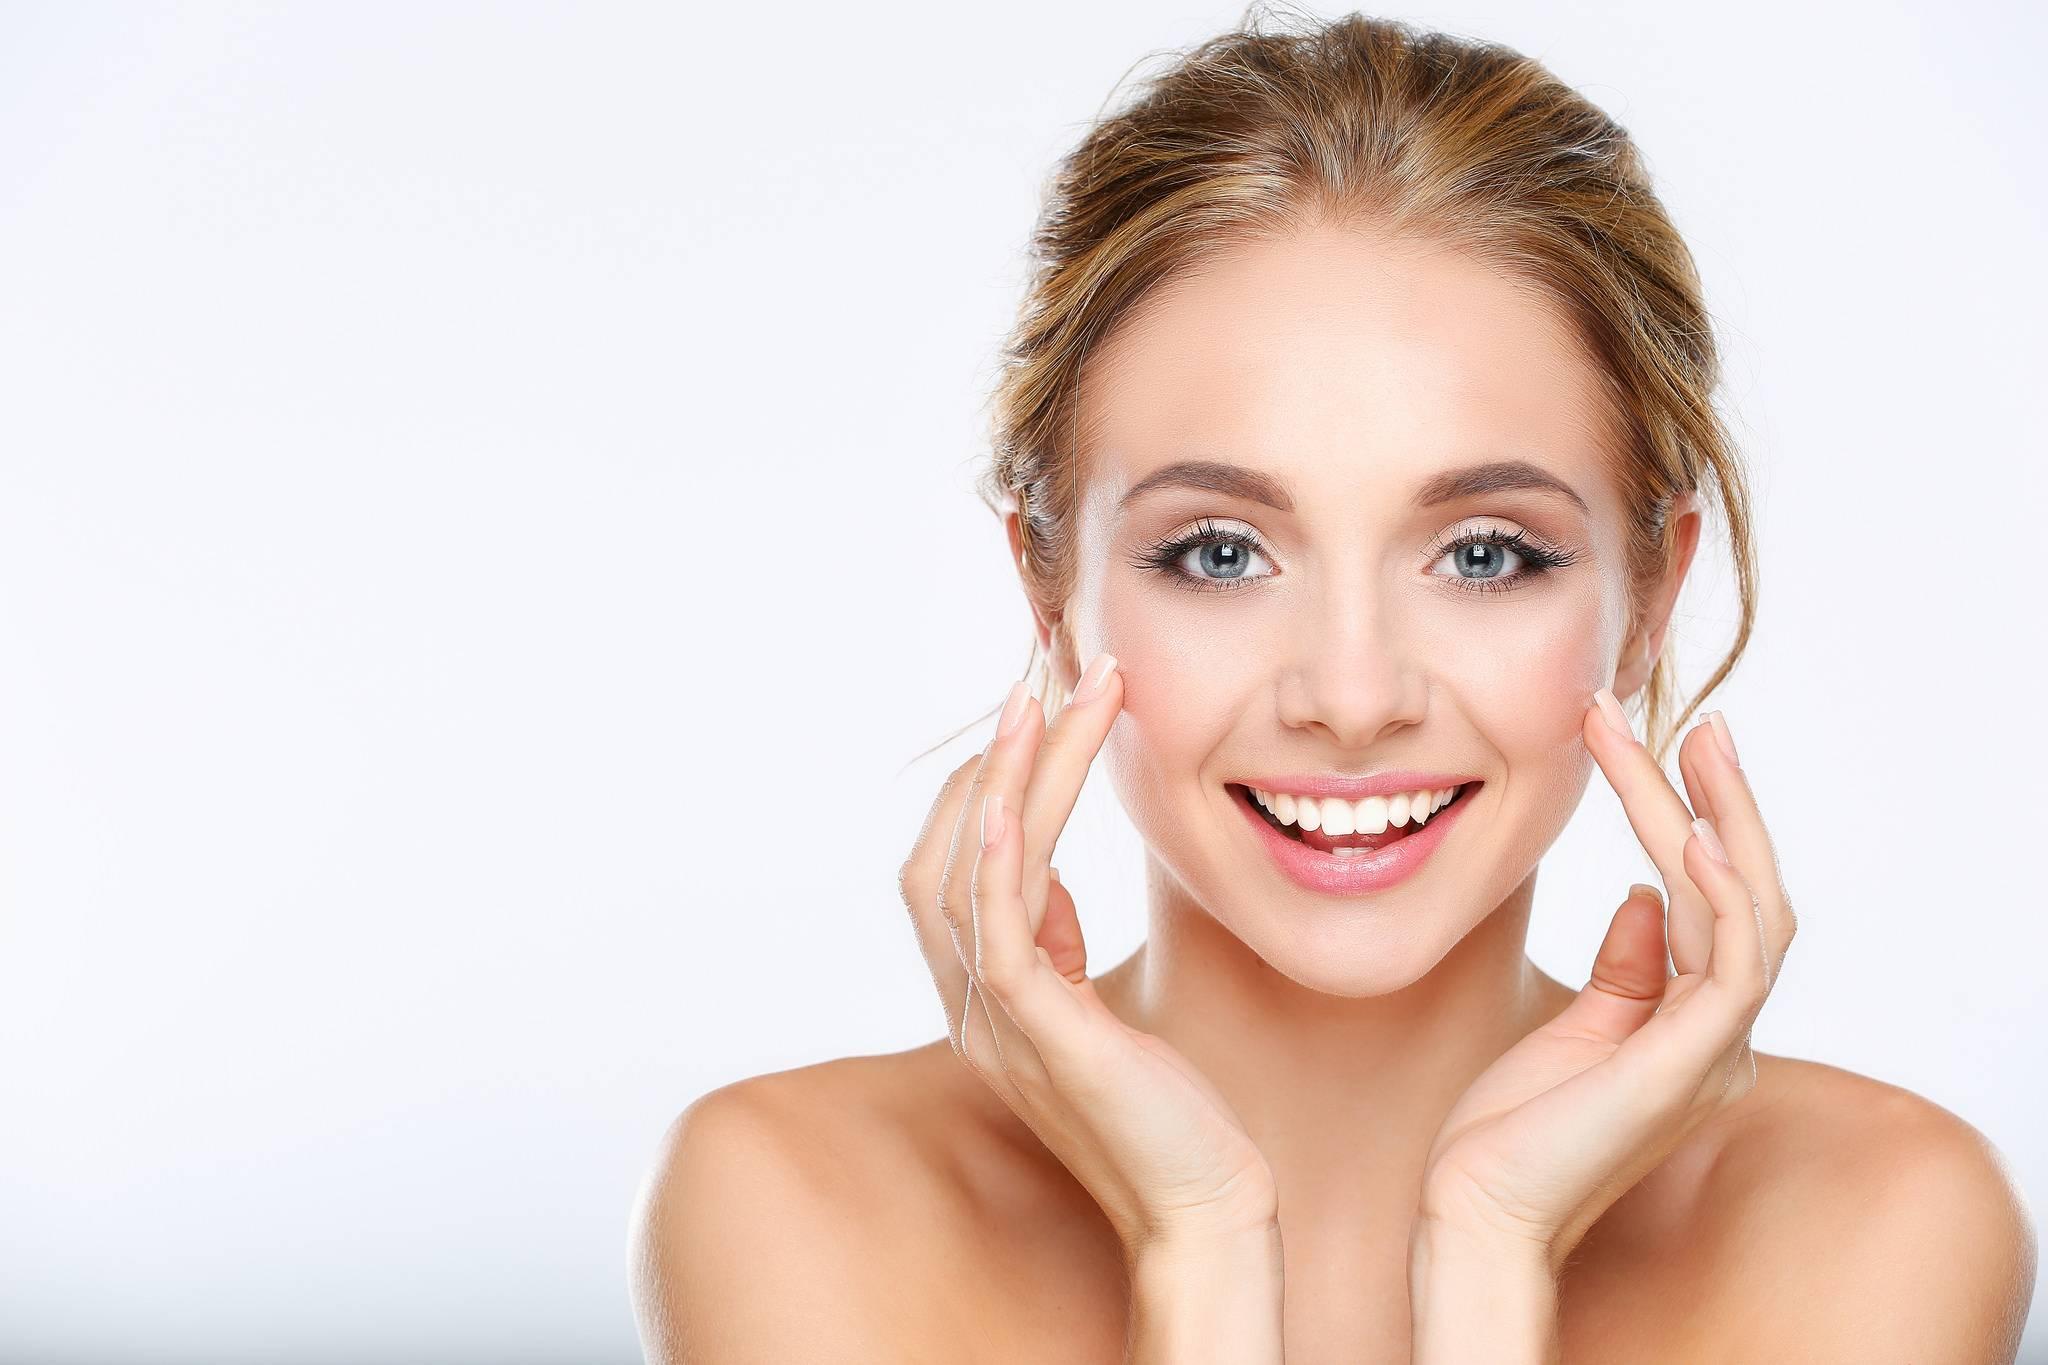 Кремний так необходим нашему организму: гладкая кожа, красивые зубы, пышные волосы и здоровые сосуды